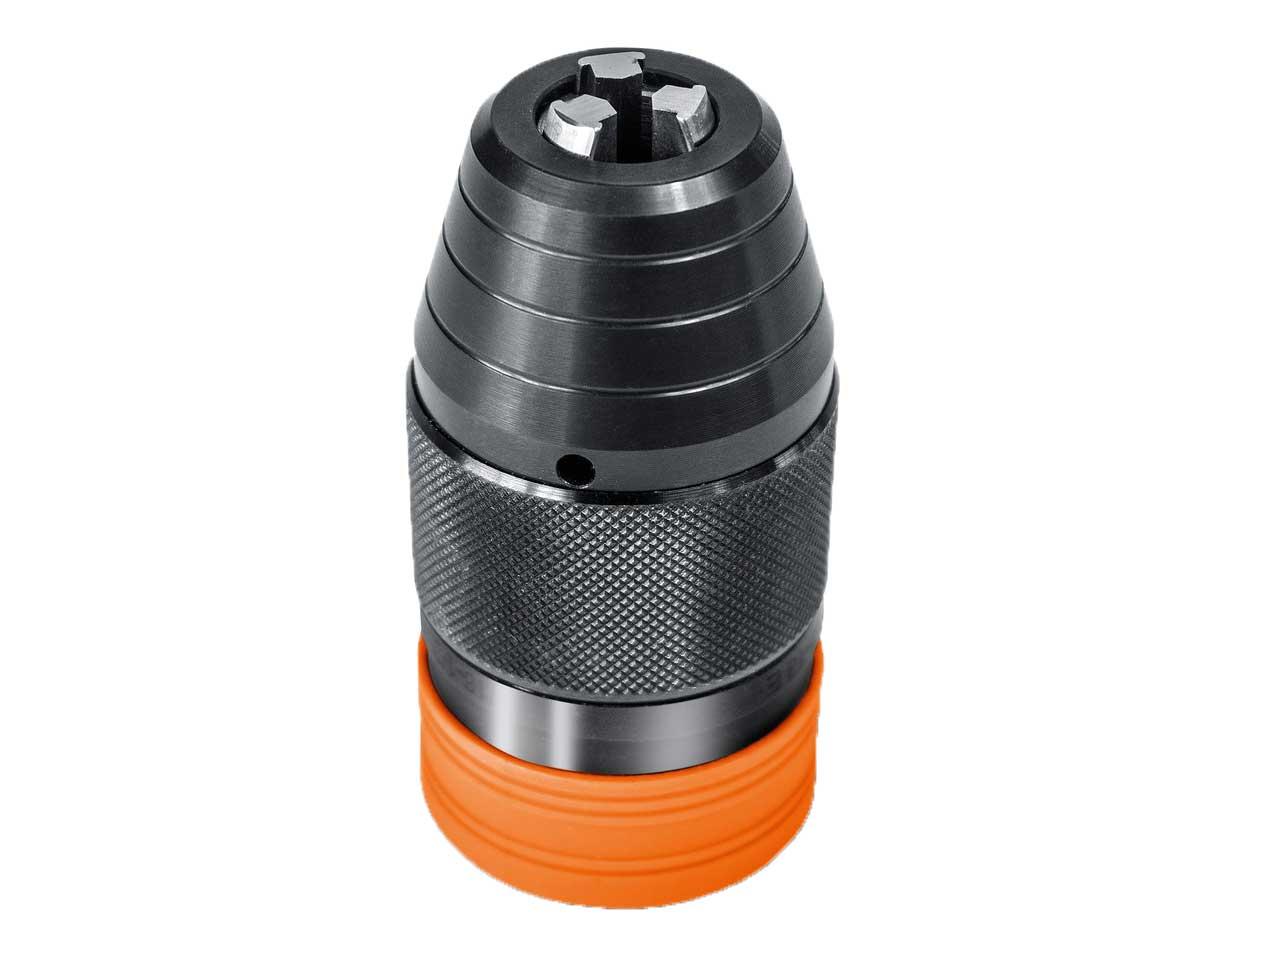 Festool 498233 Chuck Adapter attachment TI-FX for Impact driver